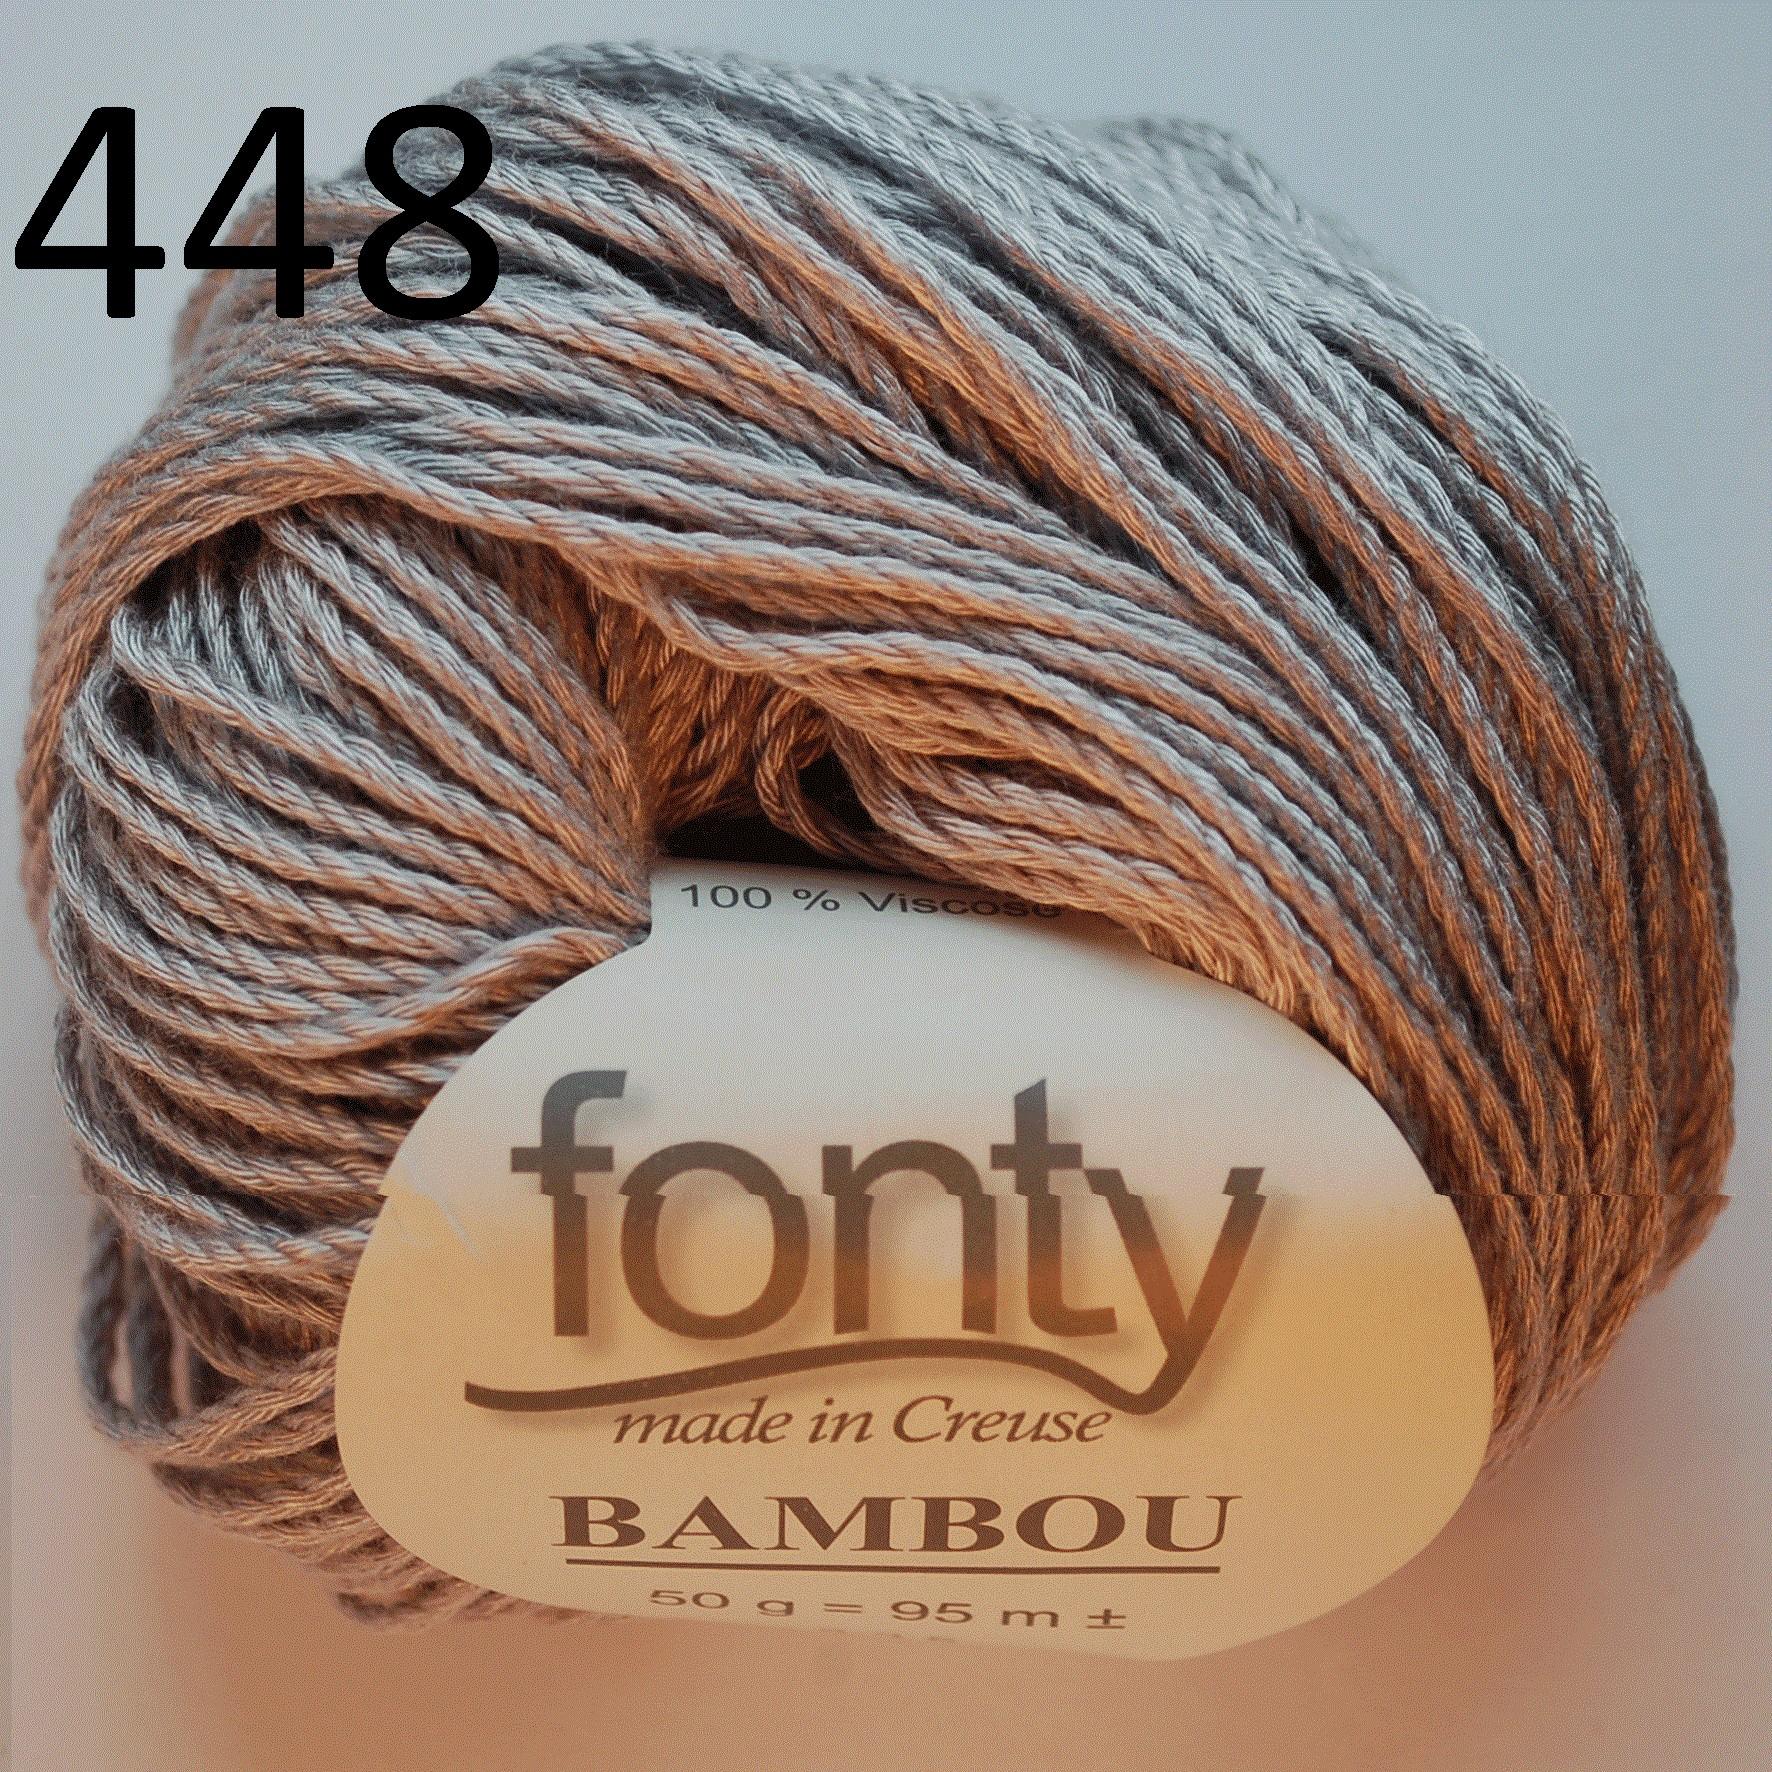 Bambou 448